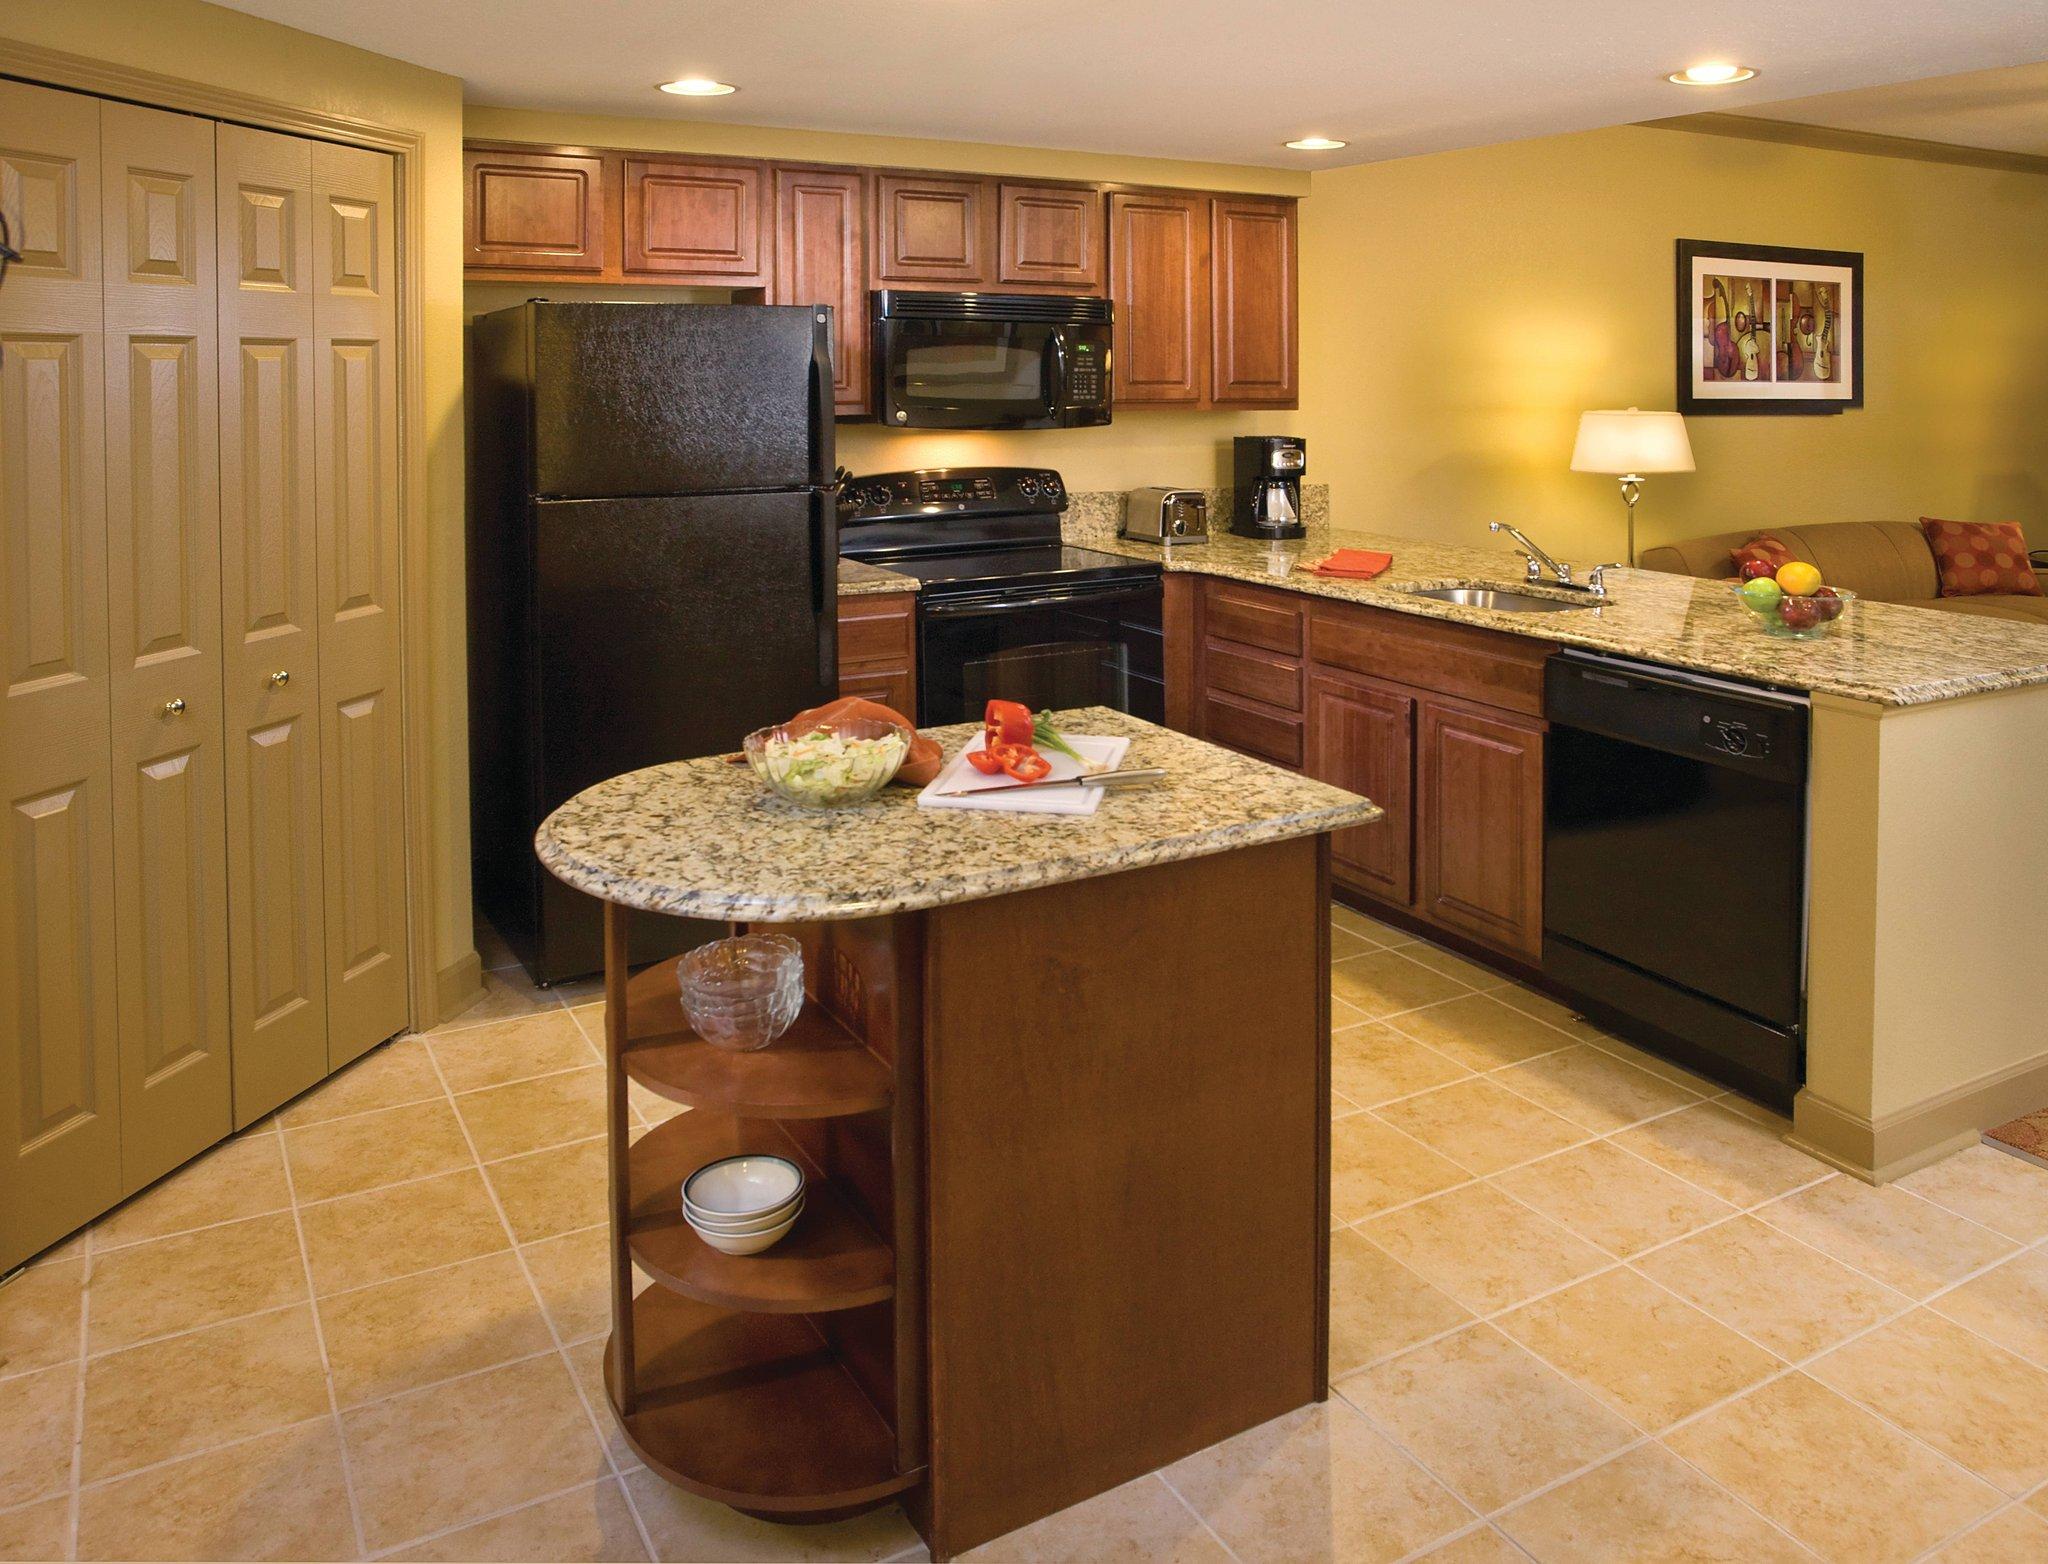 Wyndham nashville - Hotel suites nashville tn 2 bedroom ...